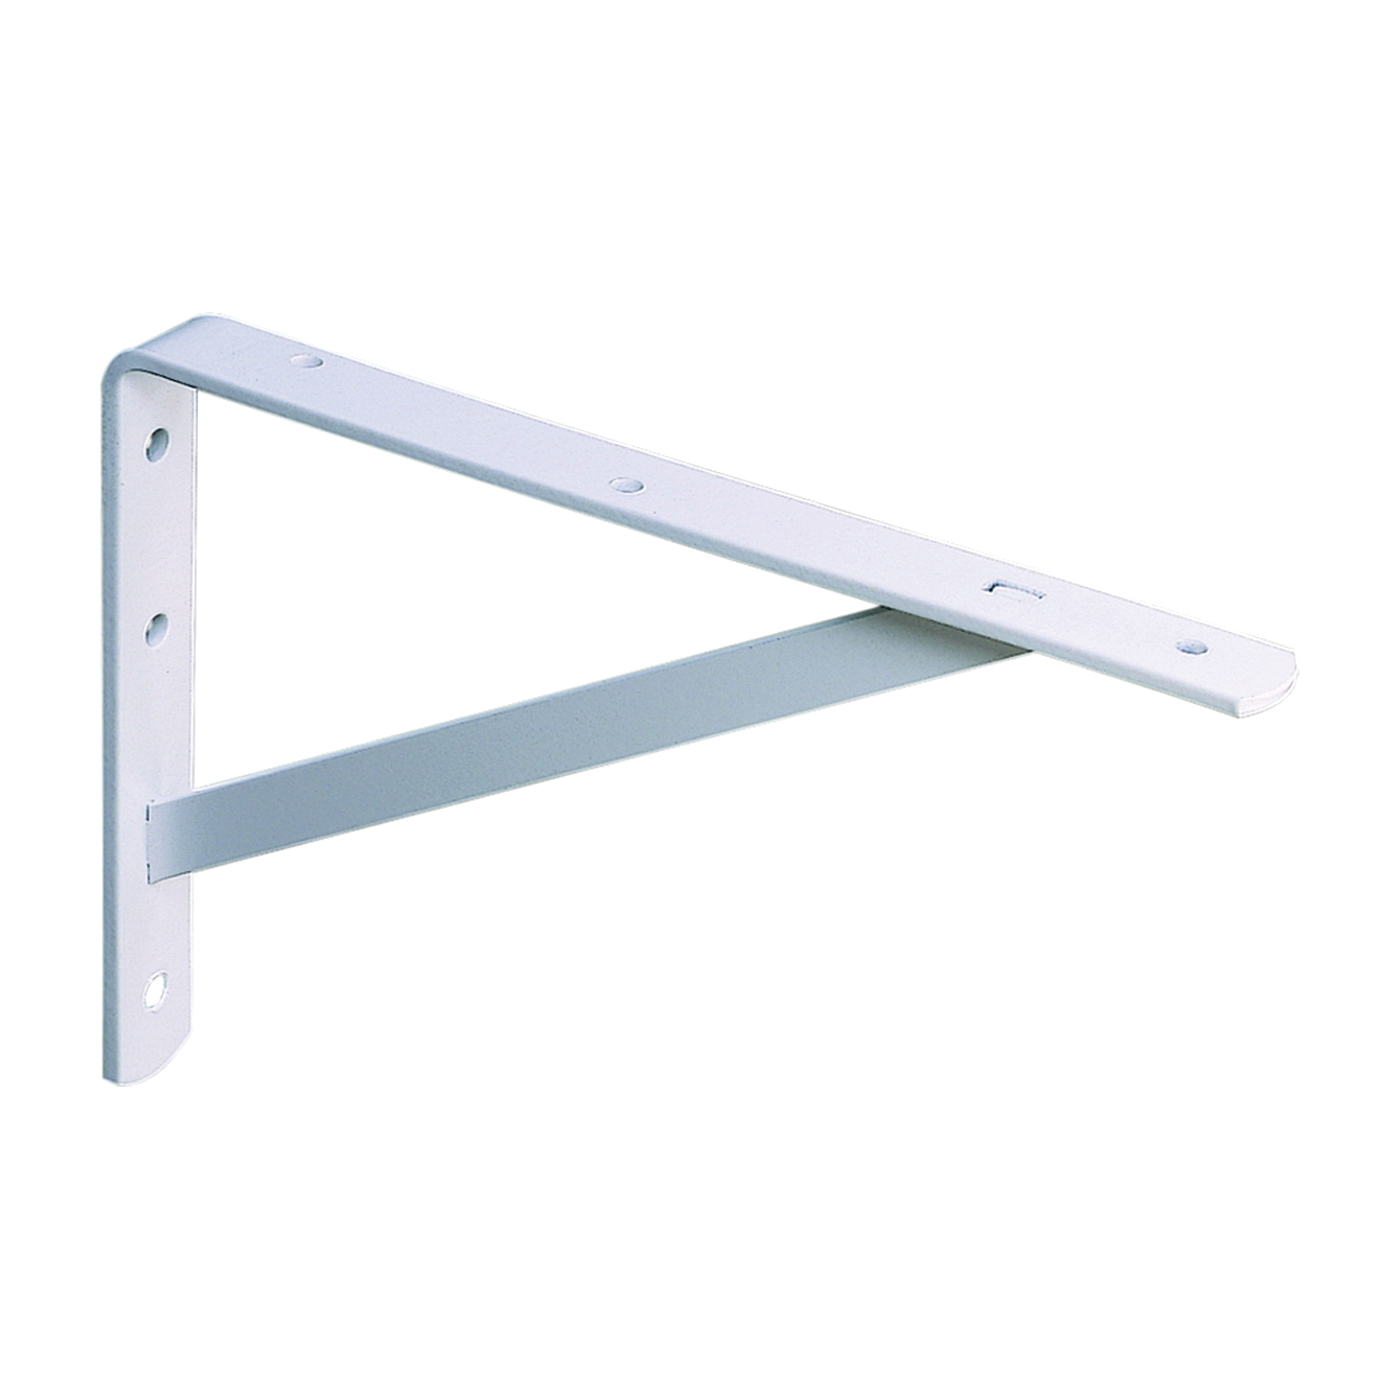 Picture of Knape & Vogt 208 WH 550 Shelf L-Bracket, 22 in L, Steel